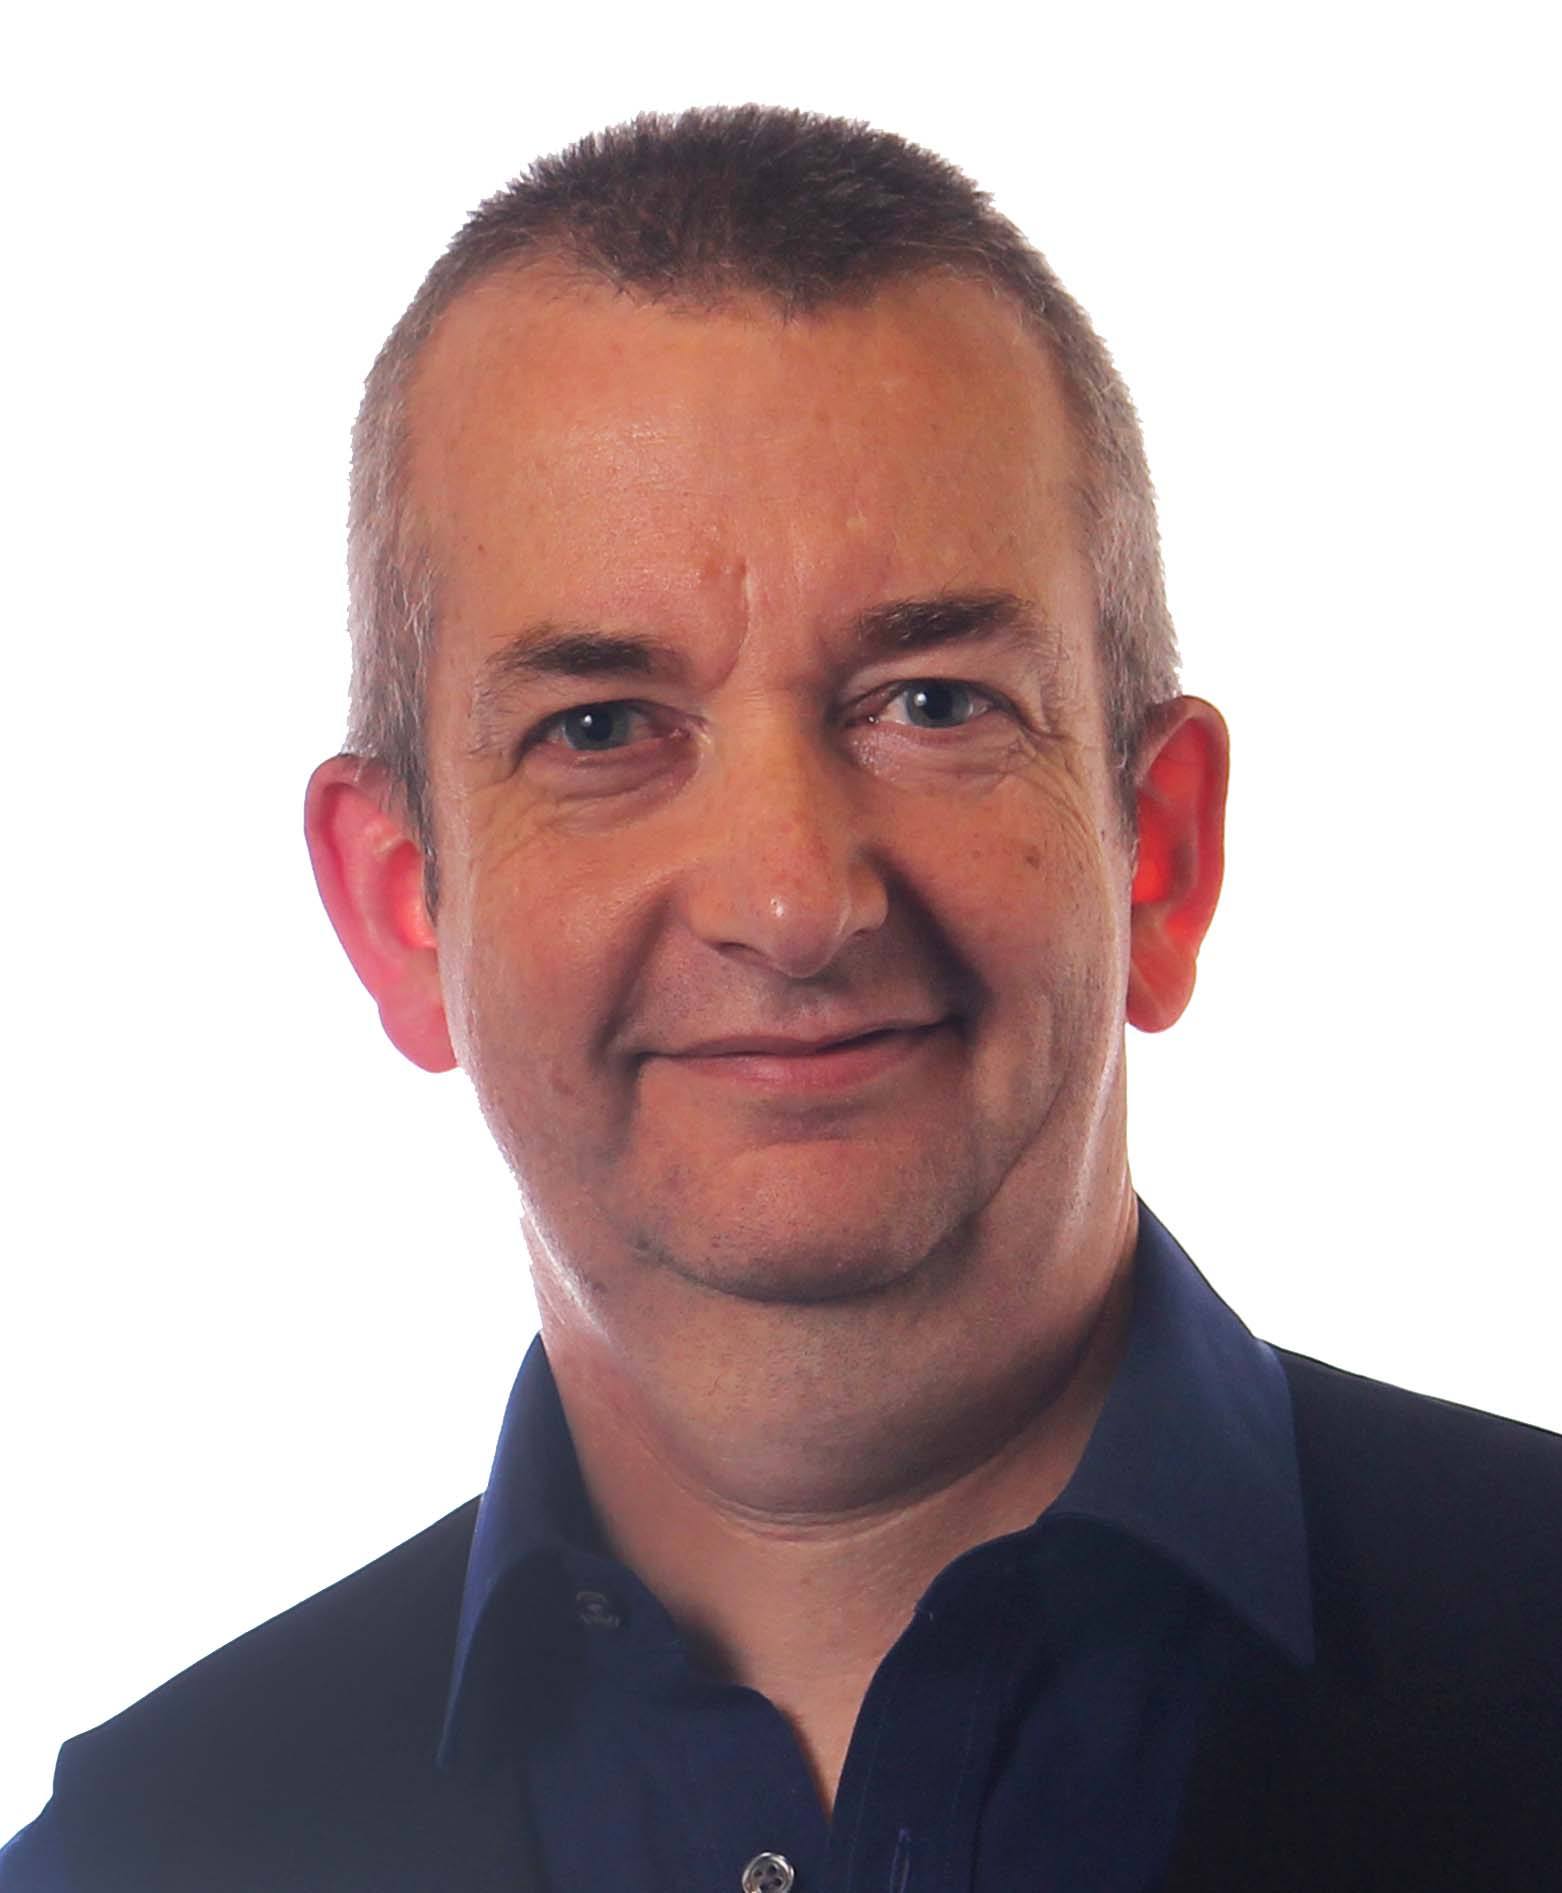 Paul Whitmarsh, Trustee